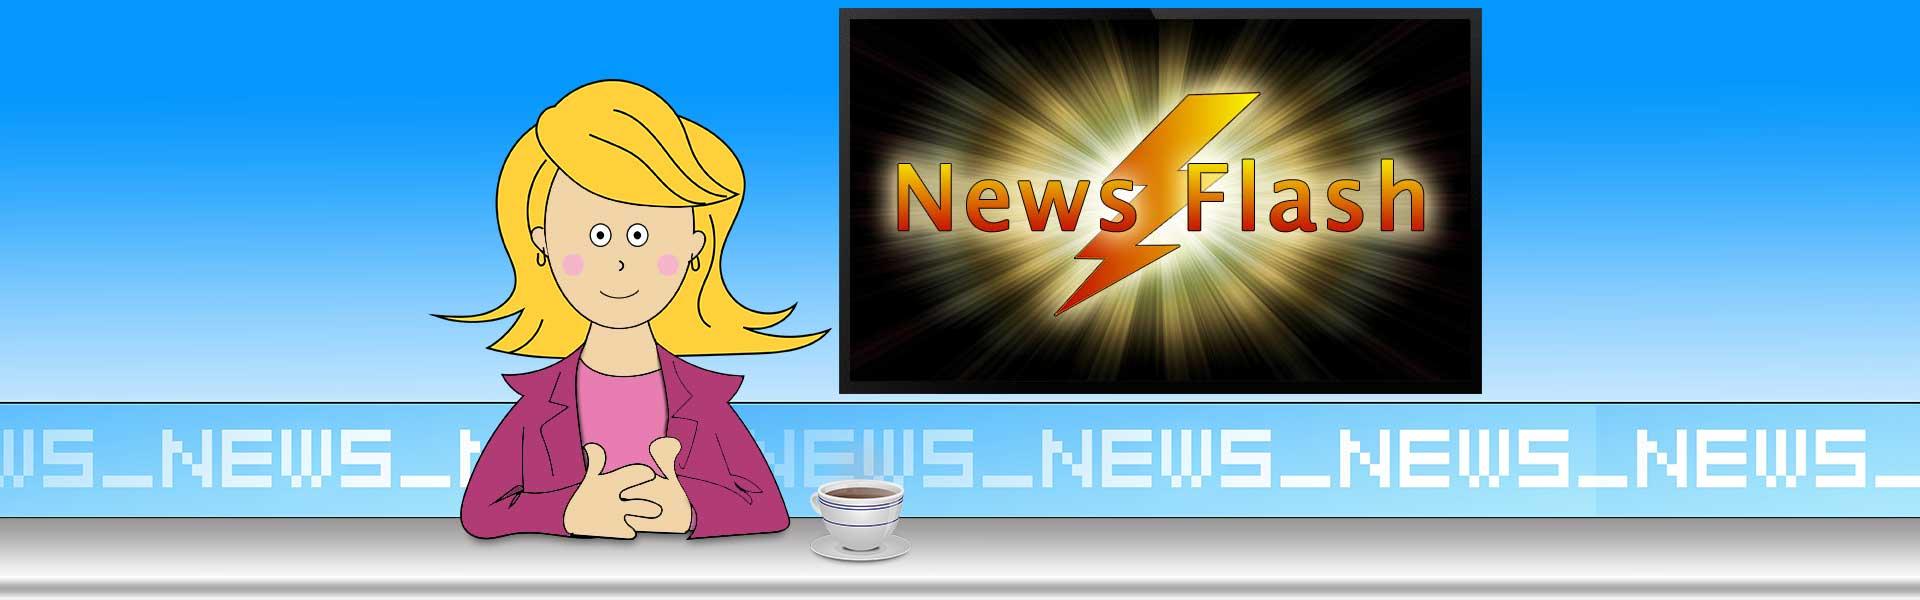 windmill-hill-school-newsroom-newsflash-1a